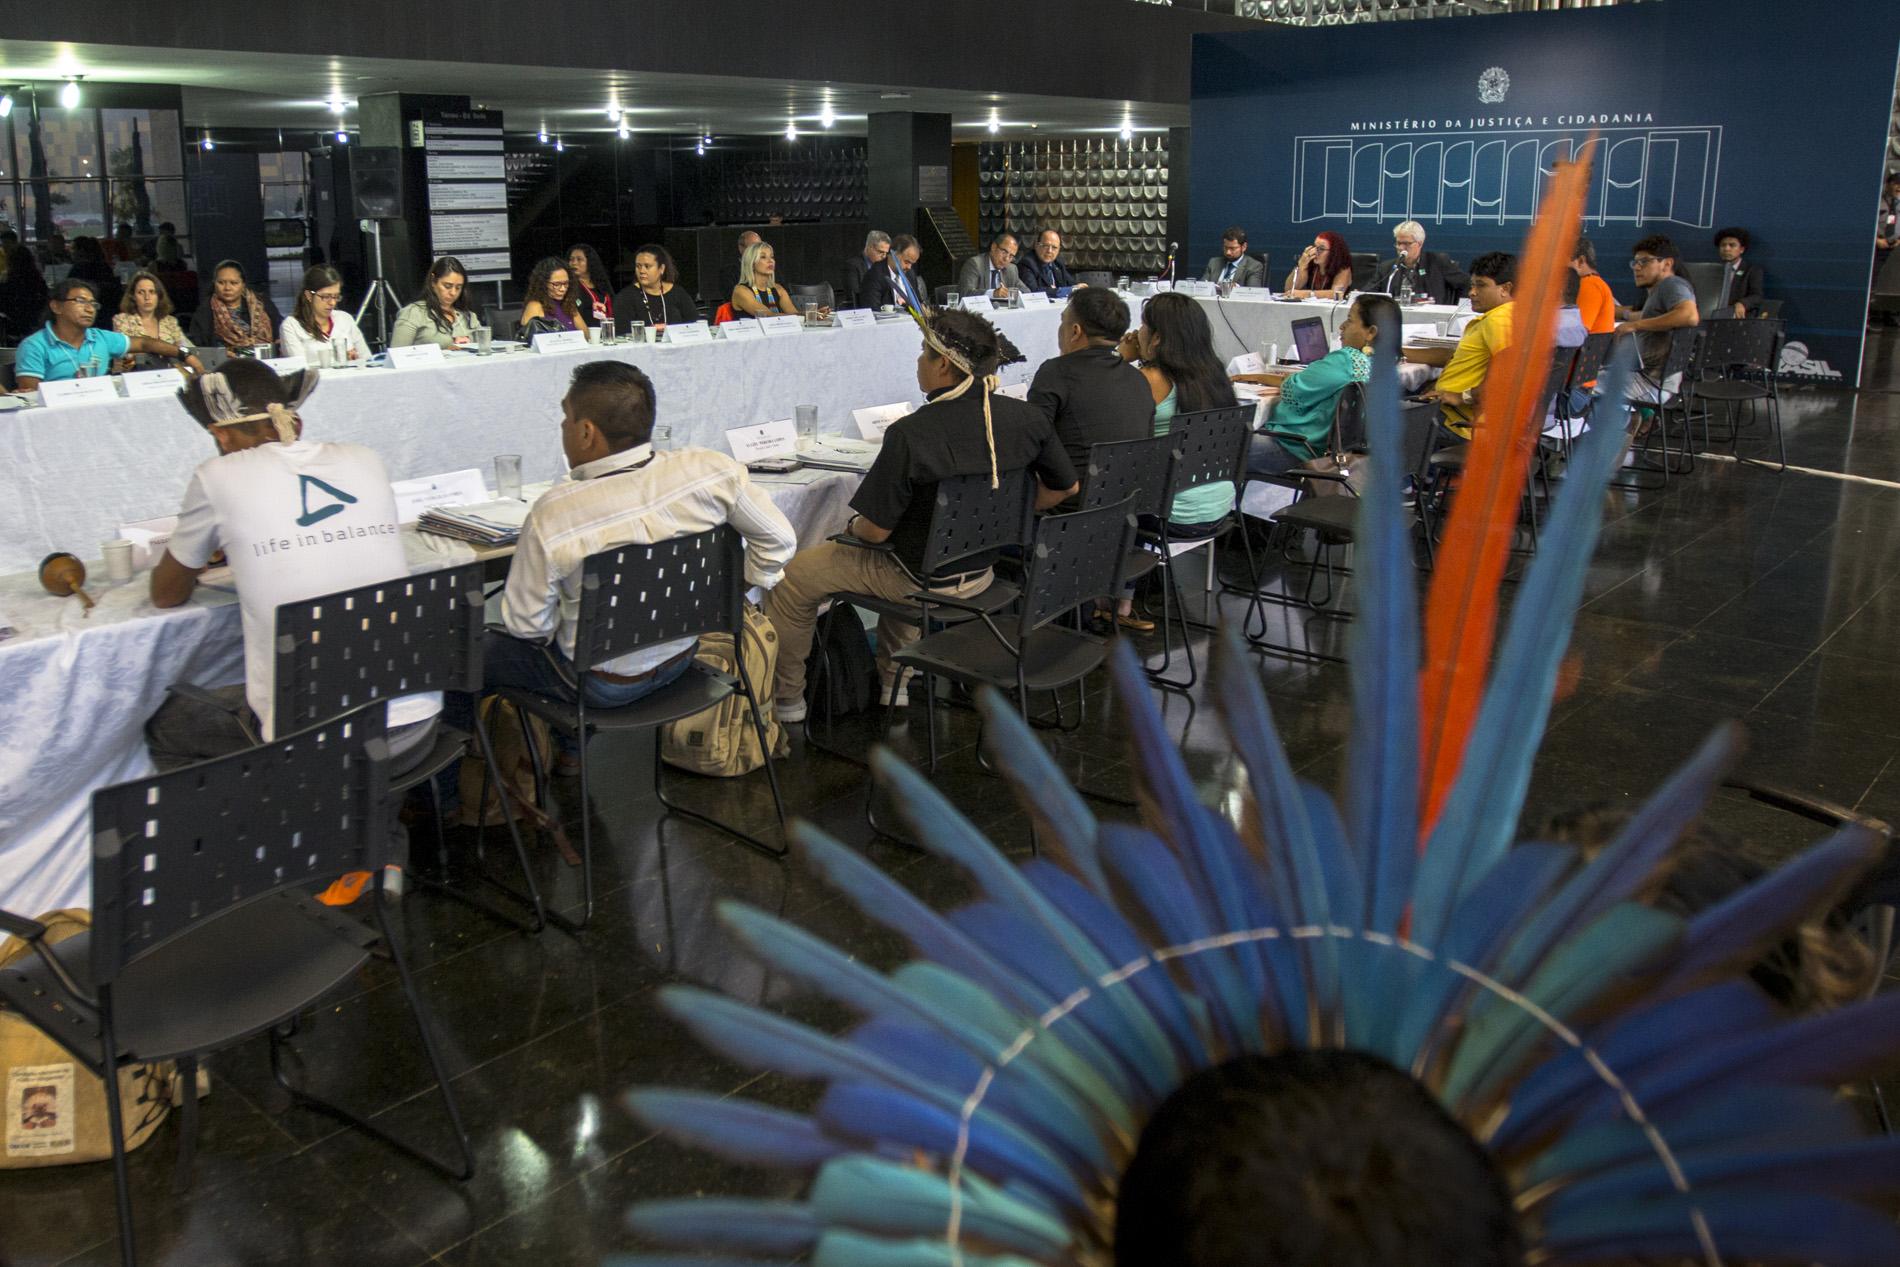 Reunião do Conselho Nacional de Política Indigenista (CNPI) reunido em Brasília, no Ministério da Justiça (Foto: Ana Mende/Amazônia Real)